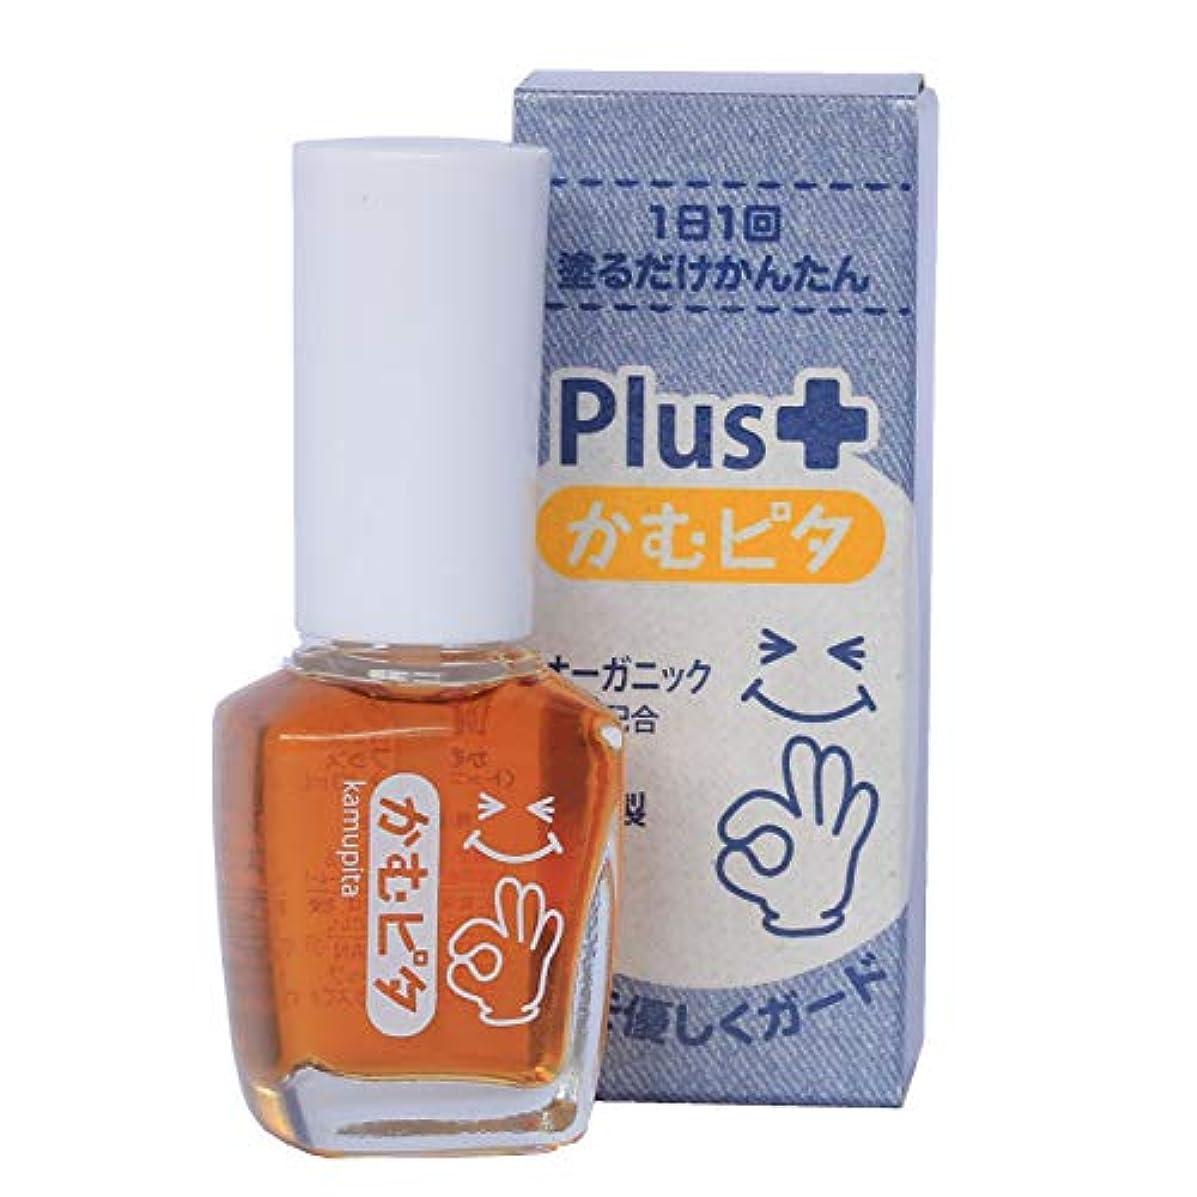 ジュニアハッチ公平な子供の爪噛み?指しゃぶり防止に苦い日本製マニキュア かむピタ プラス  オーガニック成分配合?10ml